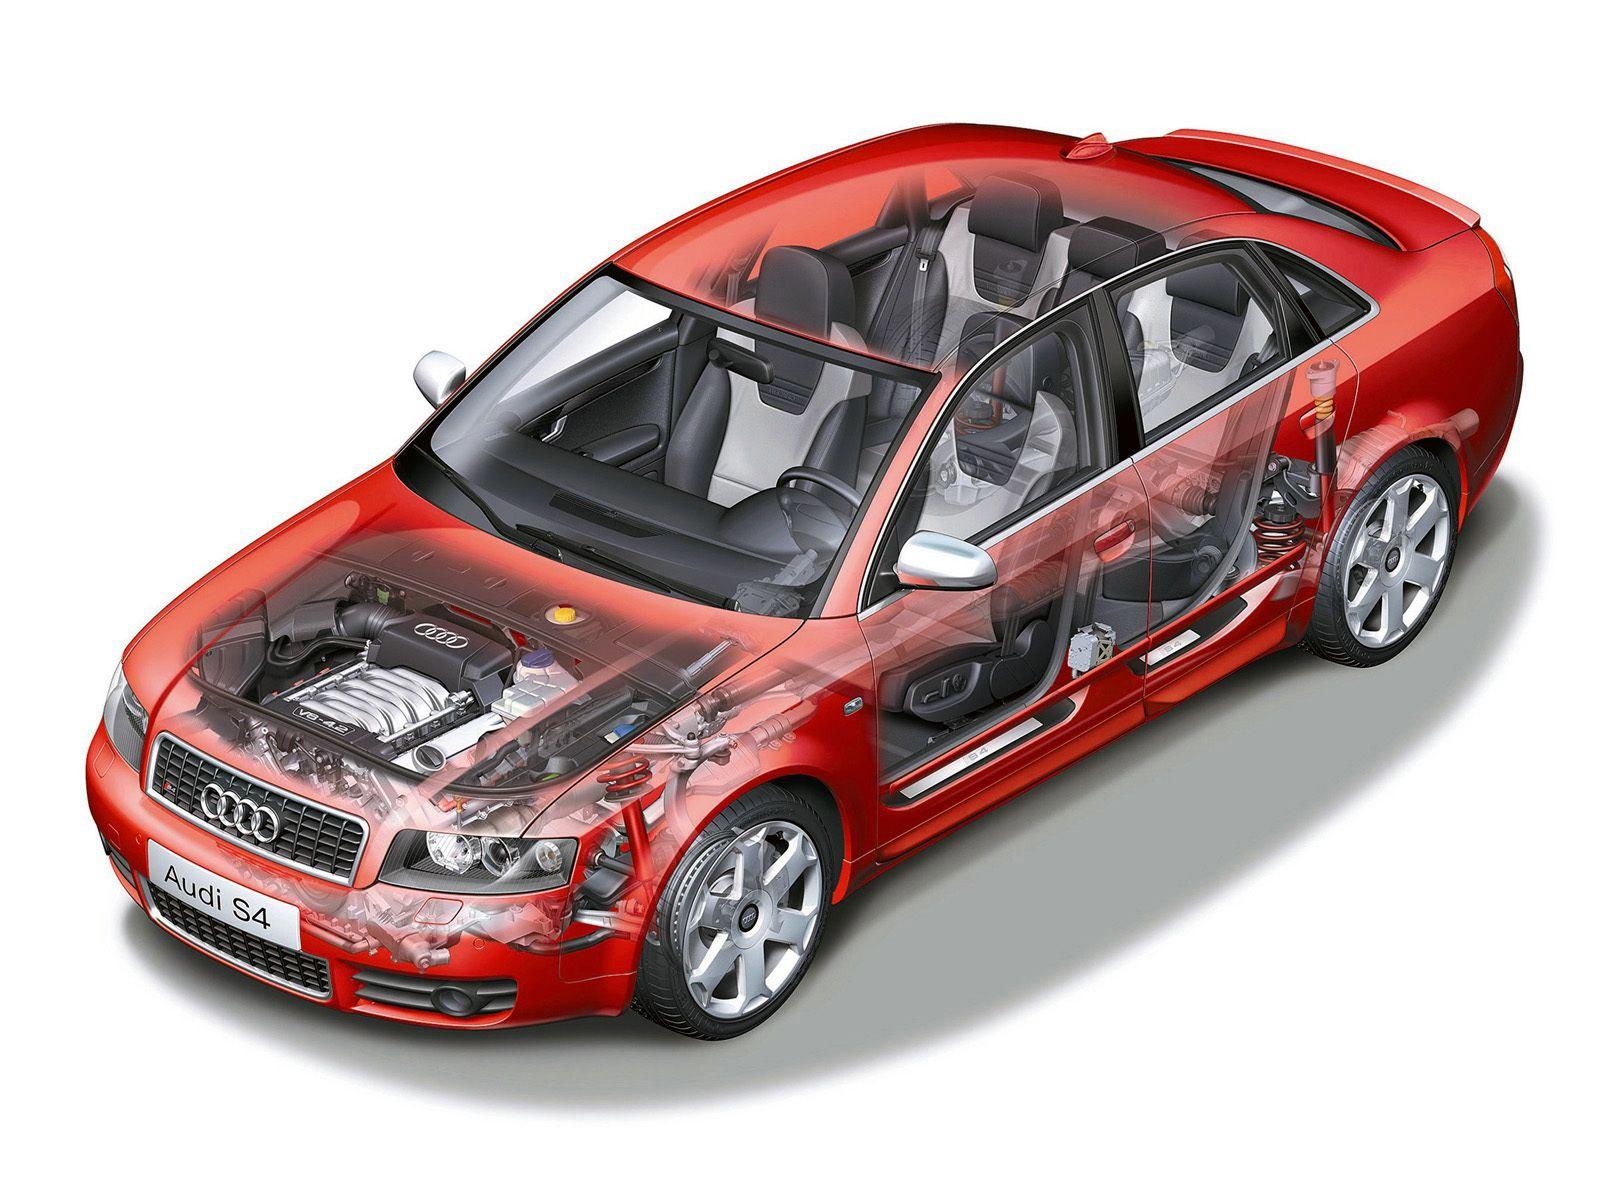 Audi S4 cutaway drawing